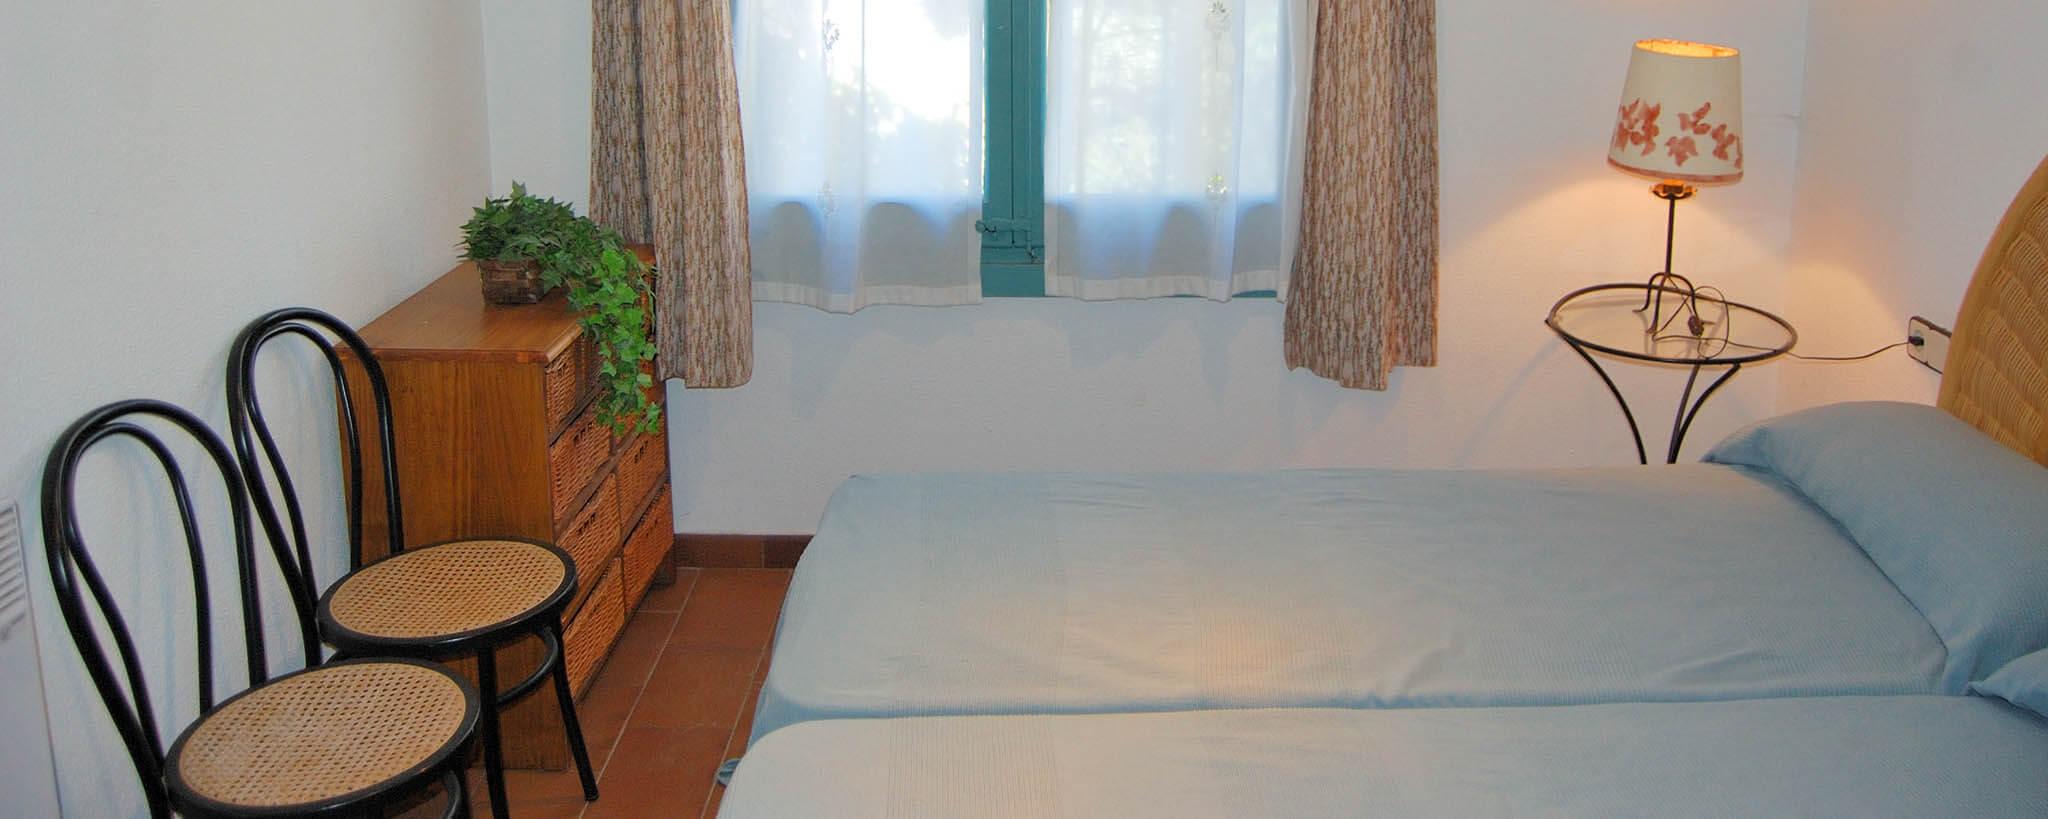 sch ner wohnung zu tamariu. Black Bedroom Furniture Sets. Home Design Ideas